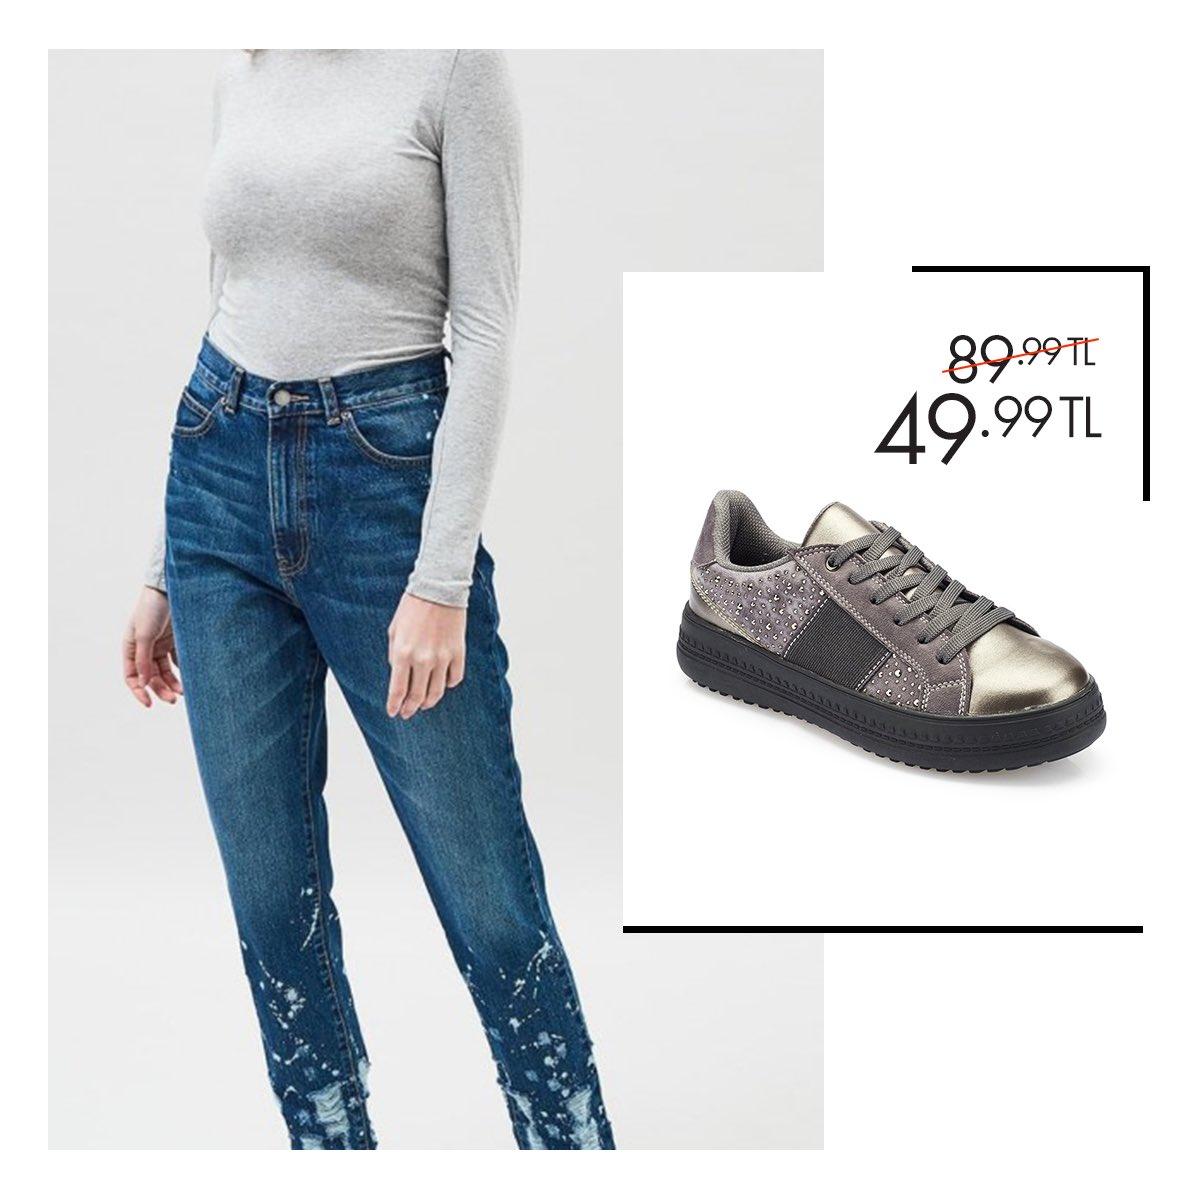 Sneakerın mevsimi olmaz! Polaris'in parlak detaylı sneakerlarıyla günlük stilinizde bile tüm gözler üzerinizde! Gri Kadın Ayakkabı 36-40 Numara 49,99 TL 🔎 100335631 http://bit.ly/2zITExC